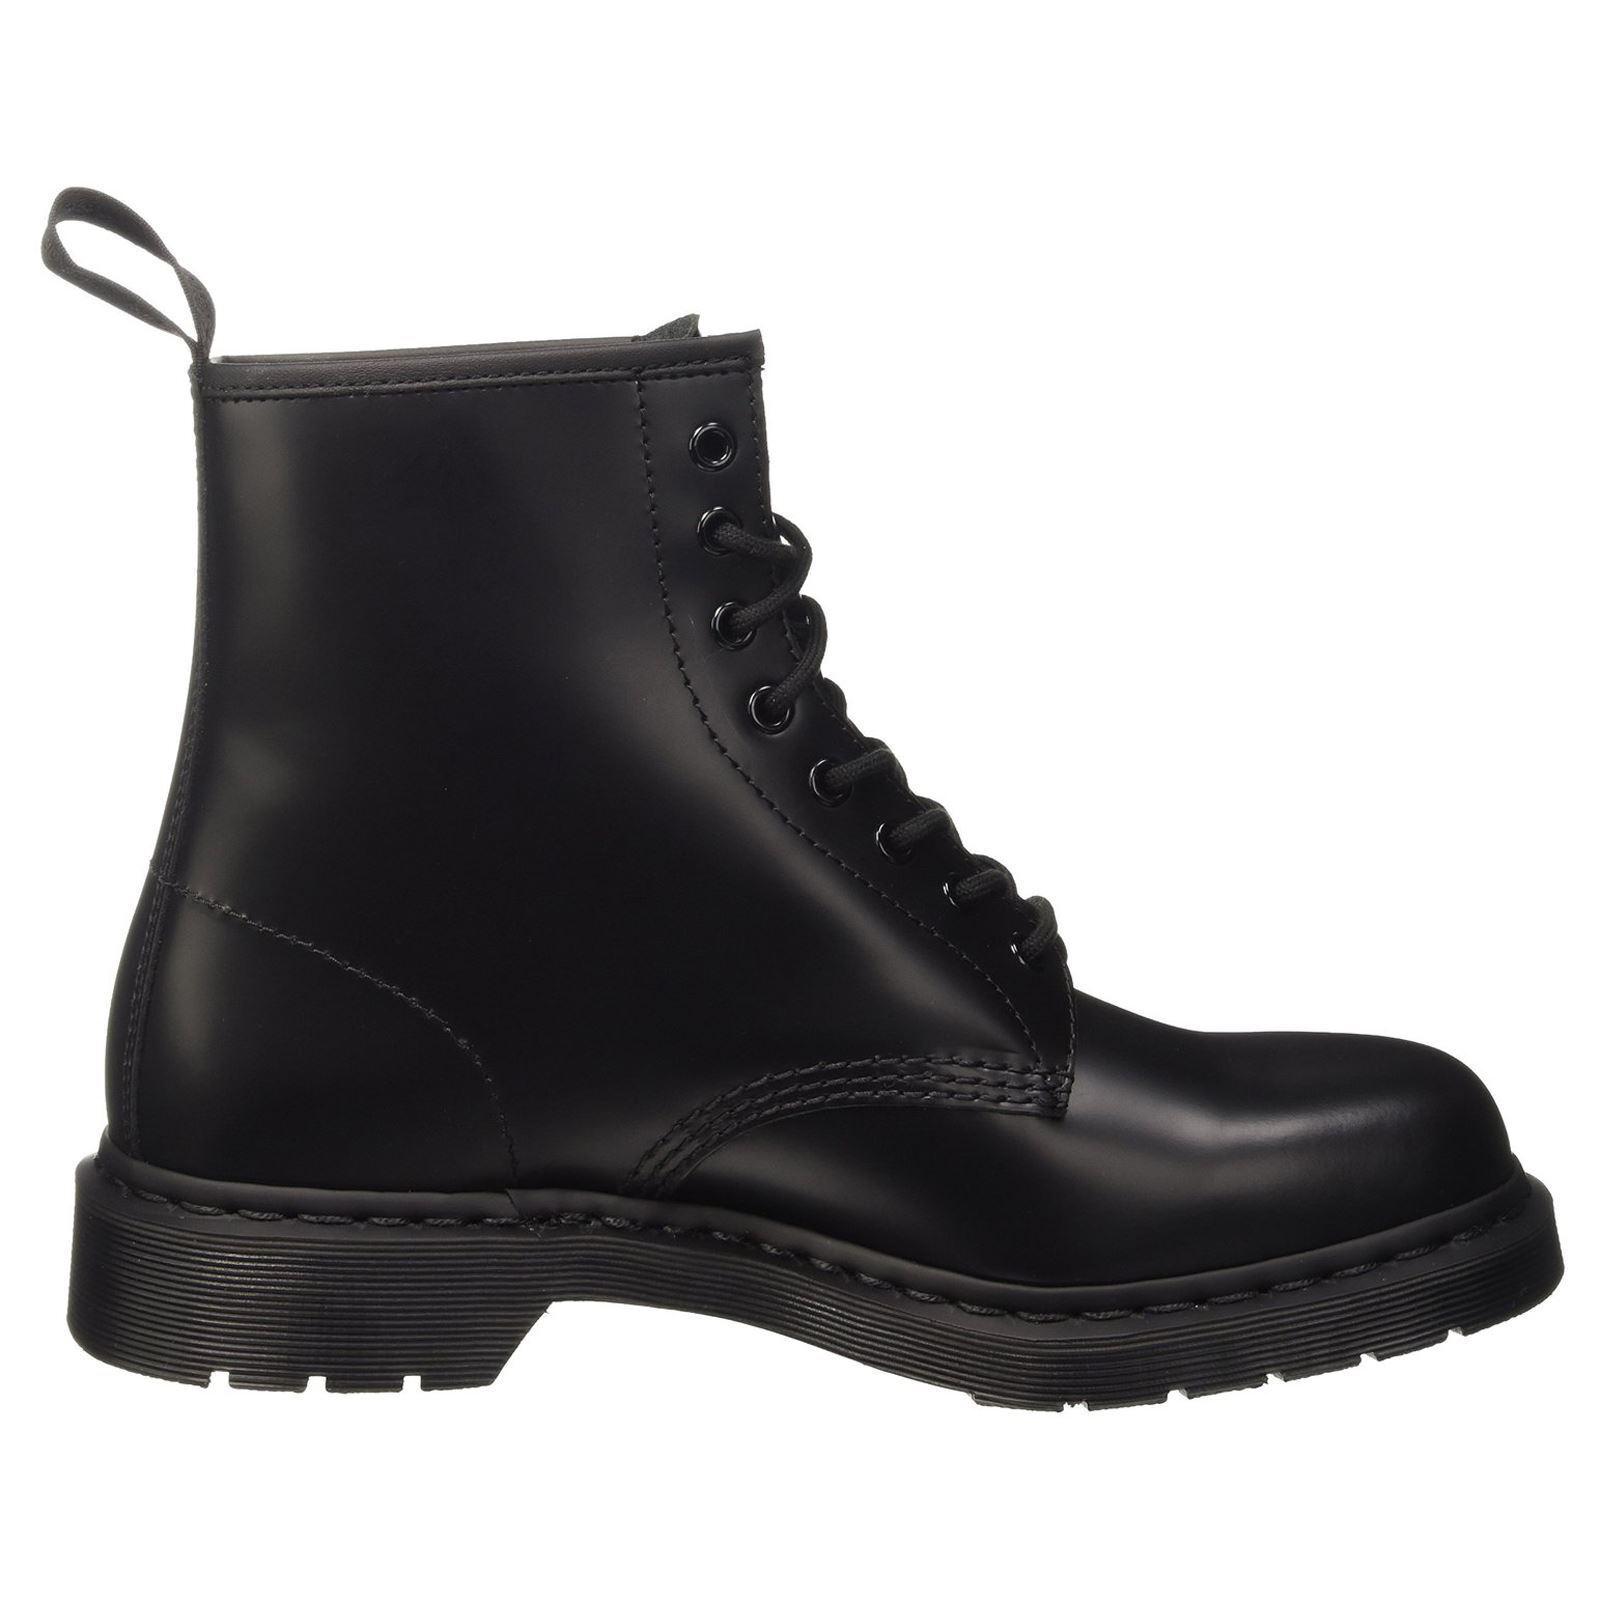 Dr. Martens 1460 8 Ojal Mono botas De Hombre Mujer Mujer Mujer Unisex Negro Liso  conveniente